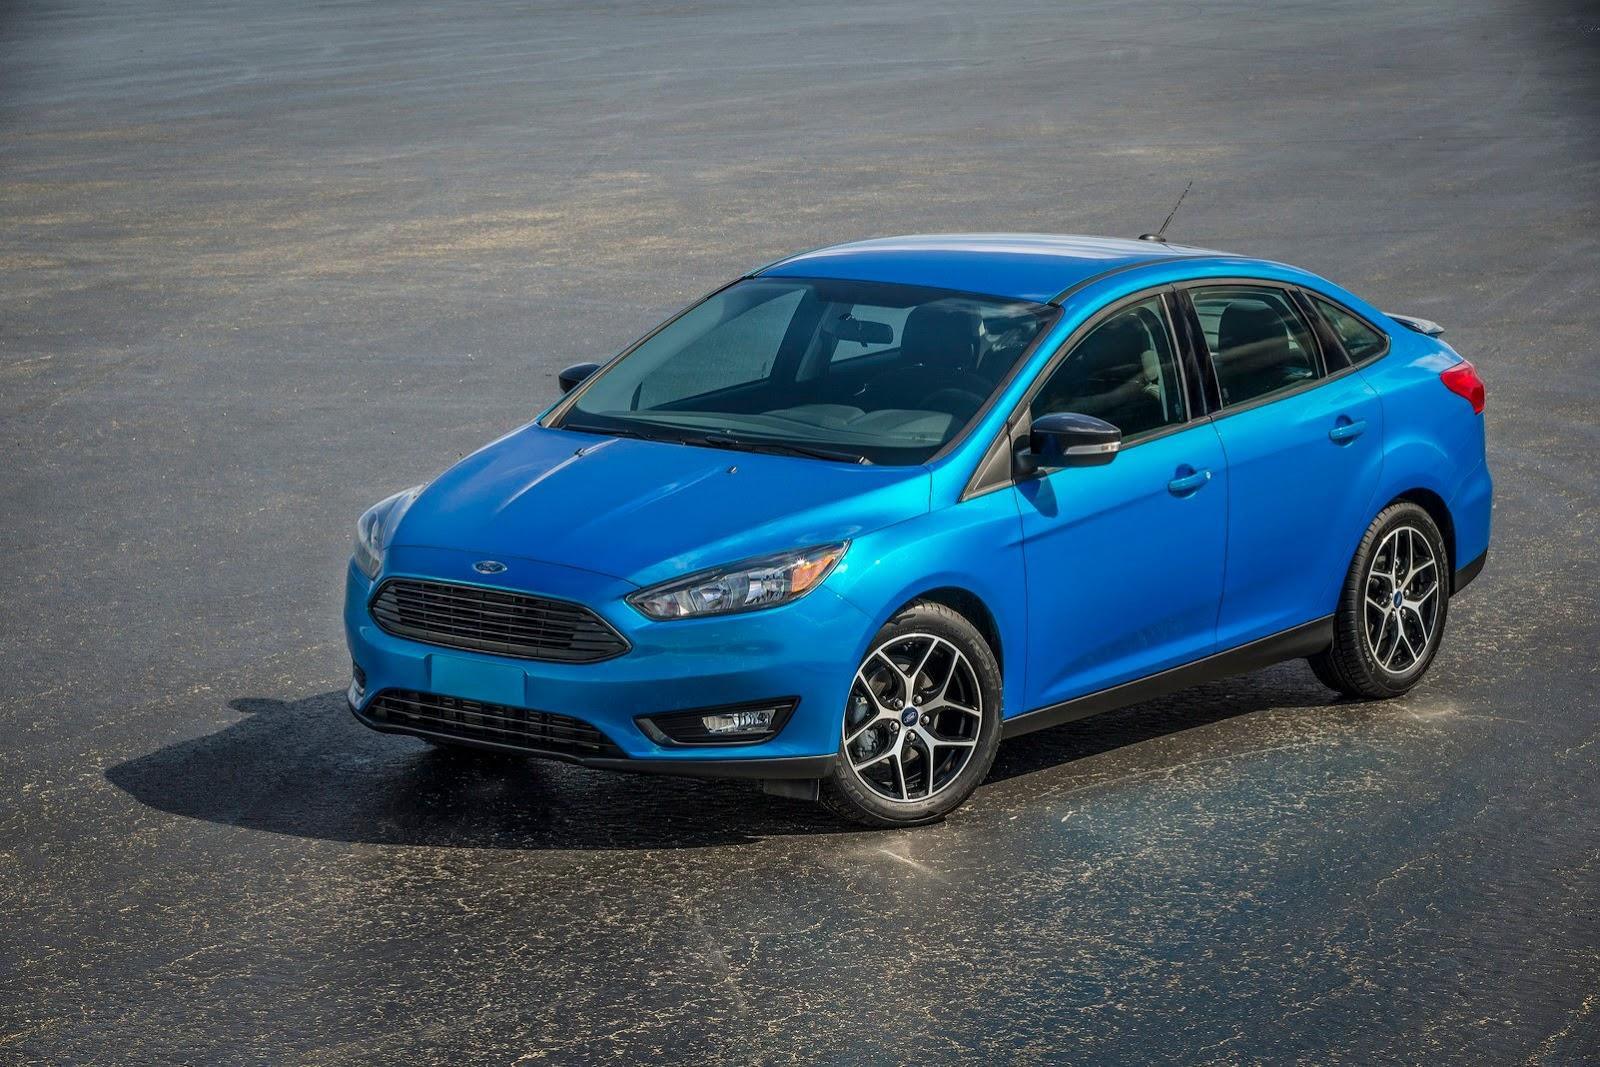 2015-Ford-Focus-FL-NA-0%25255B2%25255D.jpg